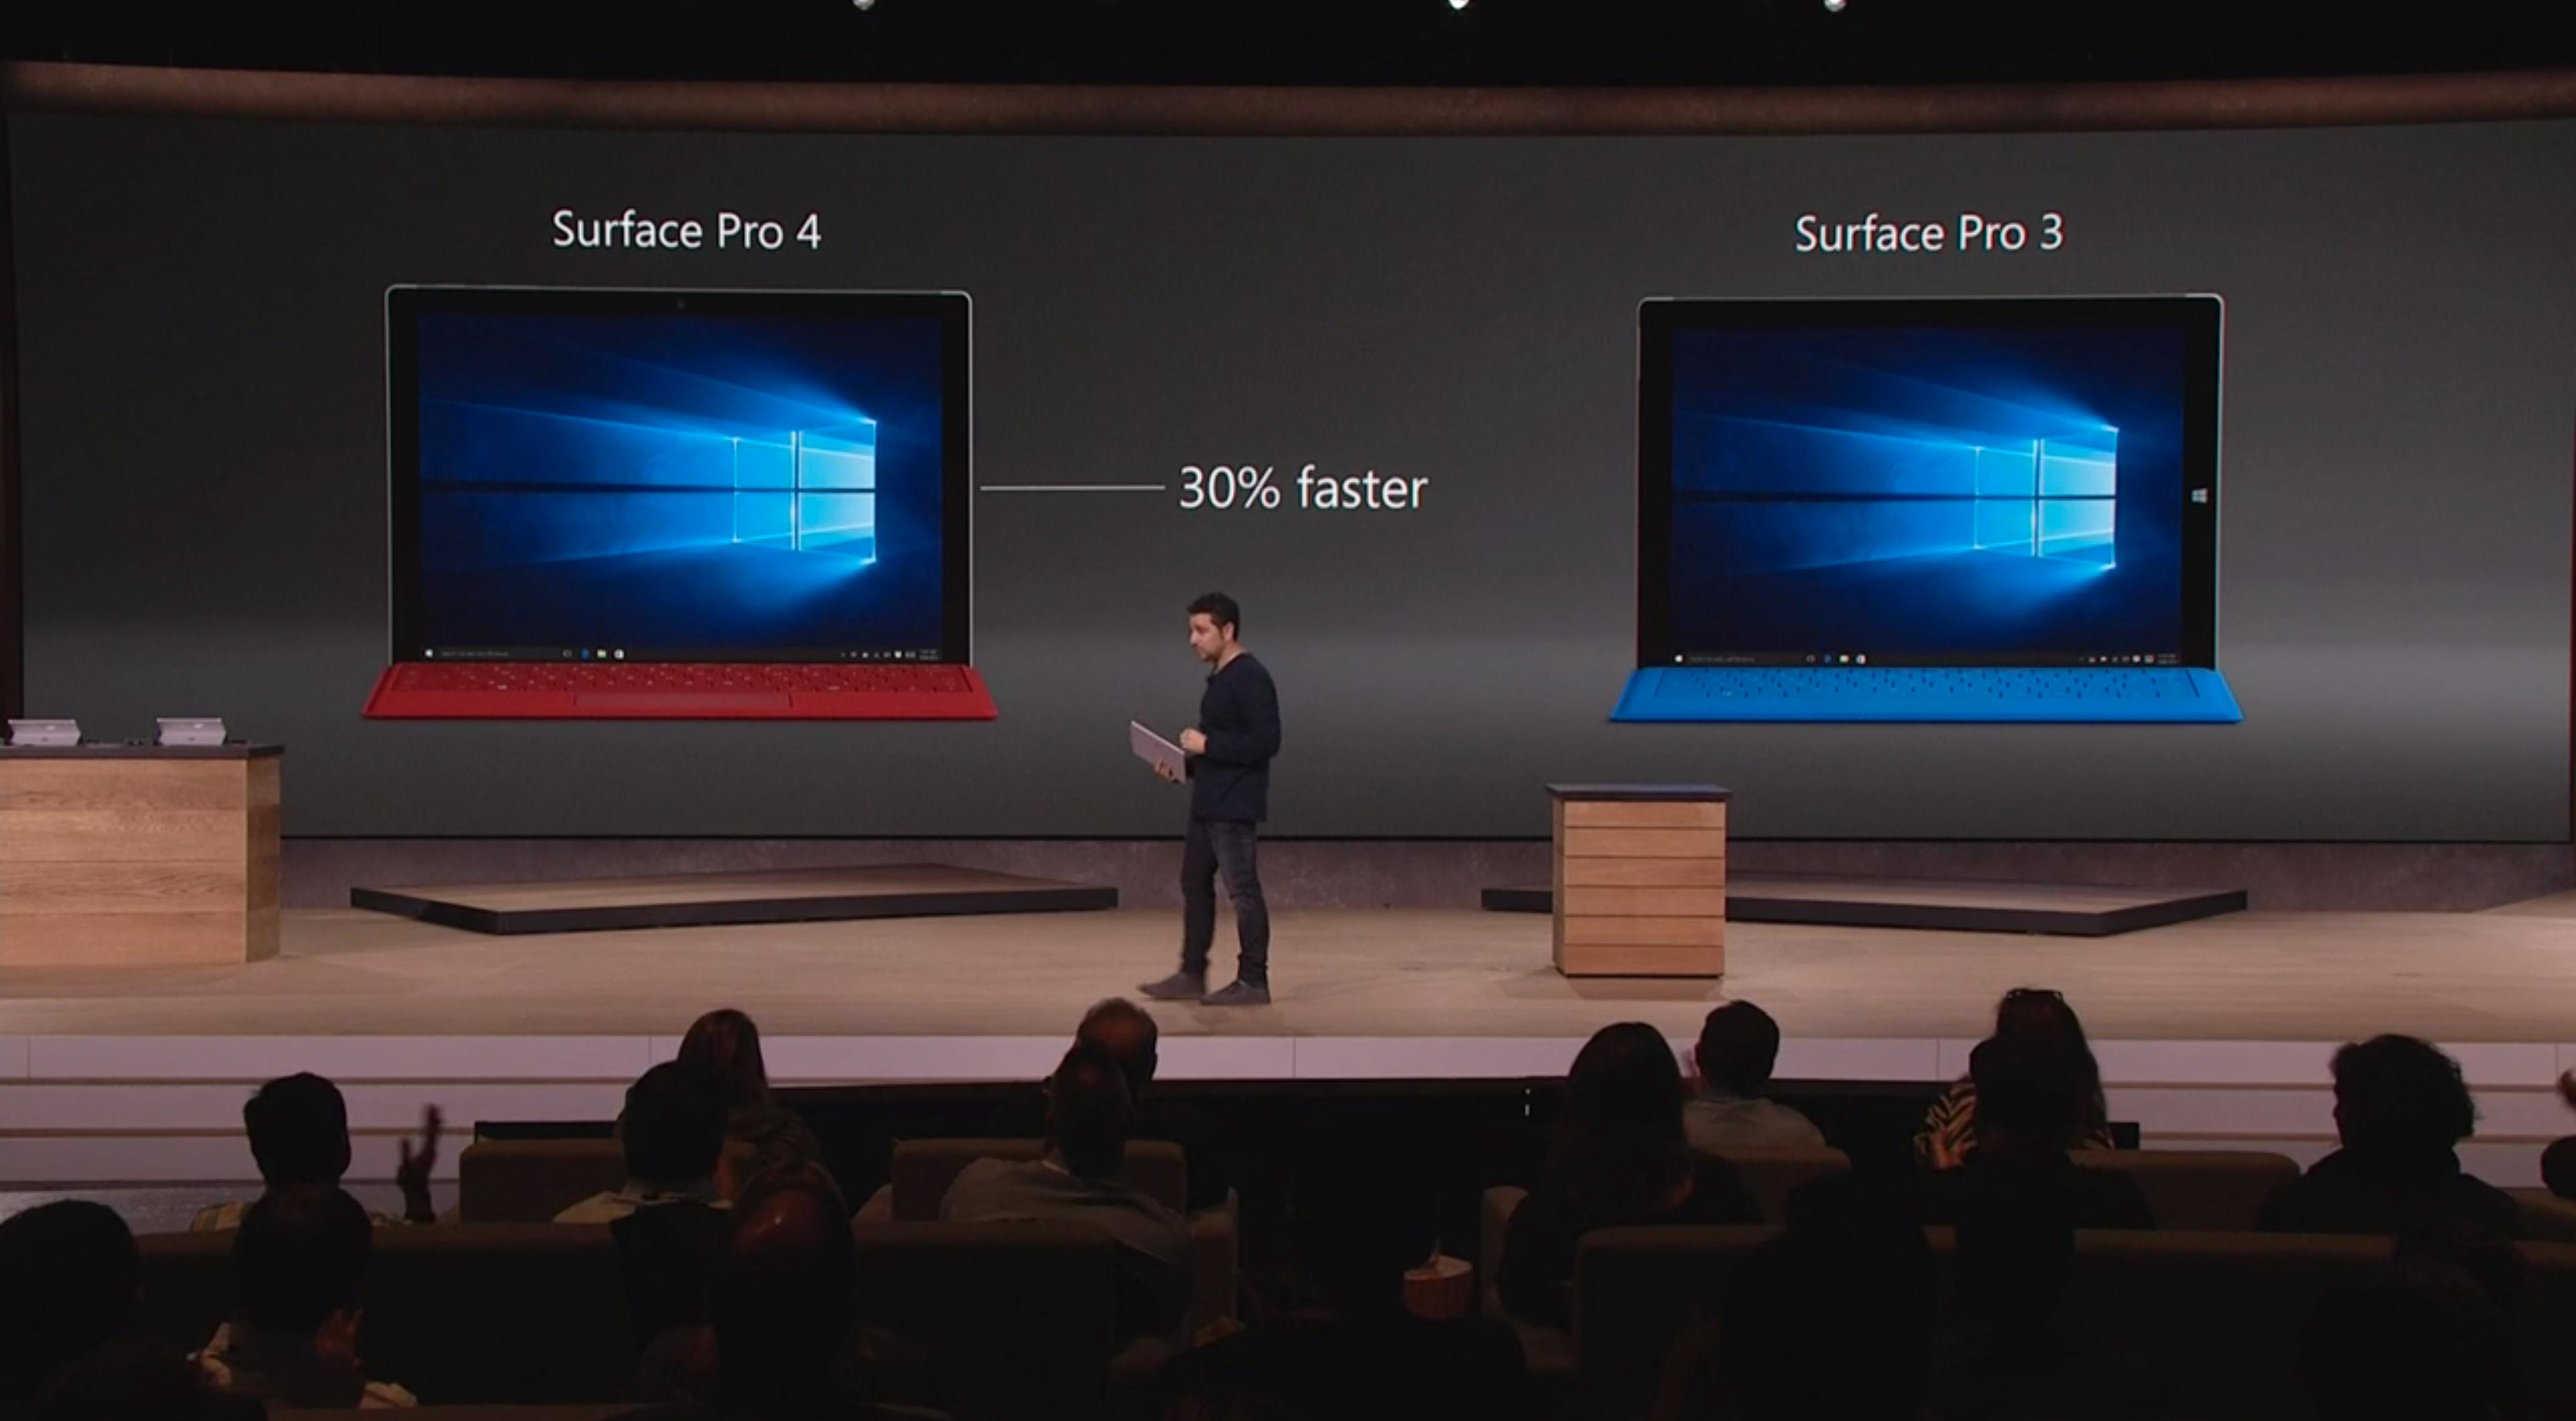 Slik ser Surface Pro 3 (til høyre) ut ved siden av Surface Pro 4. Foto: Microsoft, skjermdump fra video